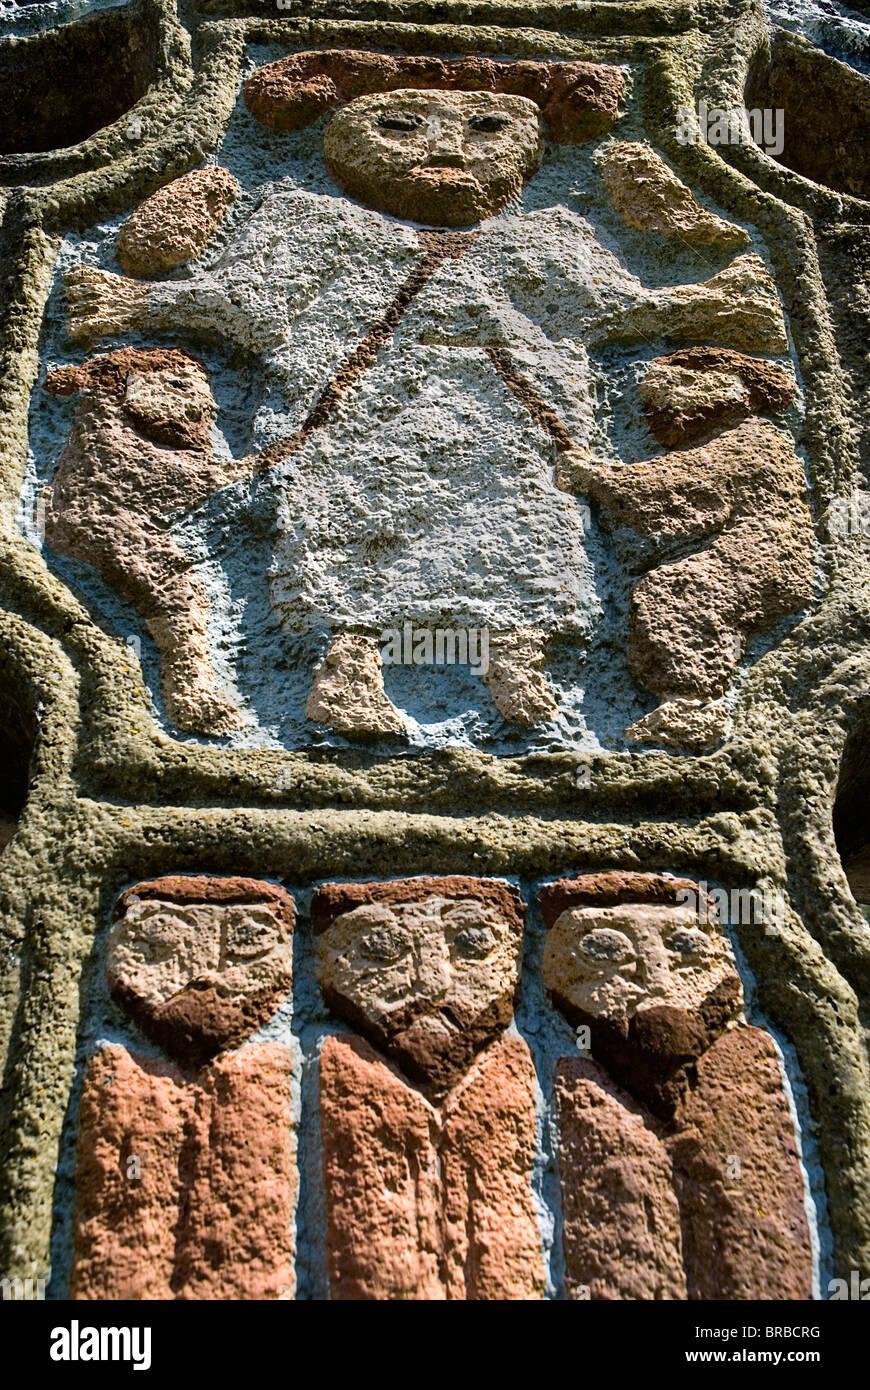 IRELAND County Wexford Irish National Heritage Park - Stock Image